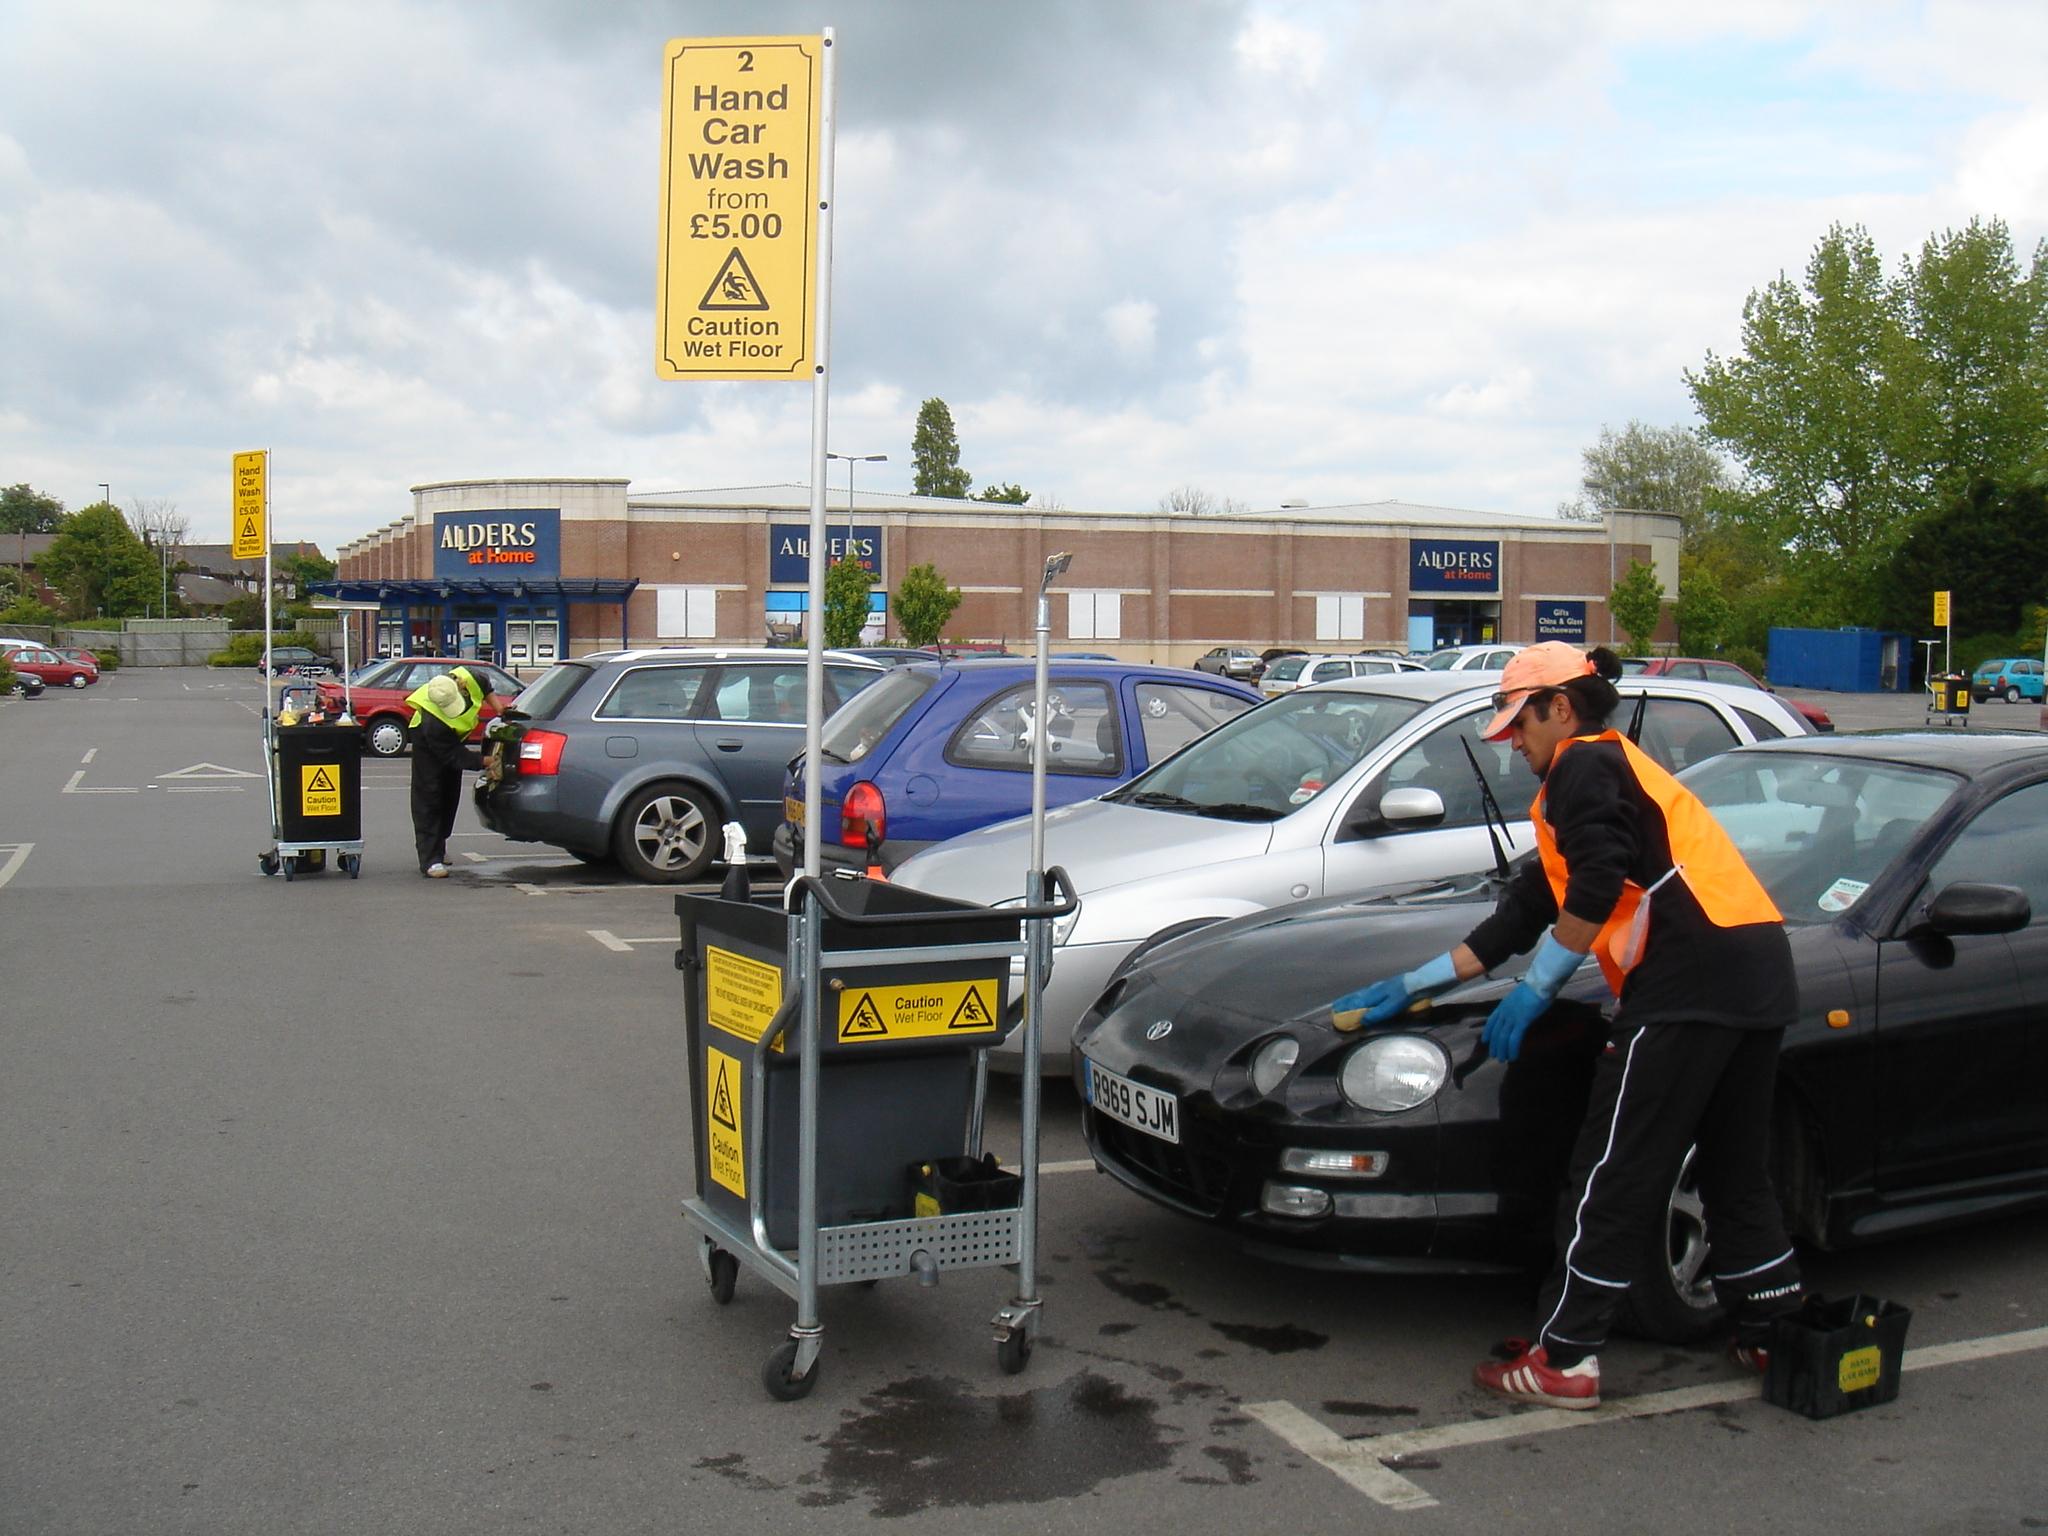 Car Wash Cart 2